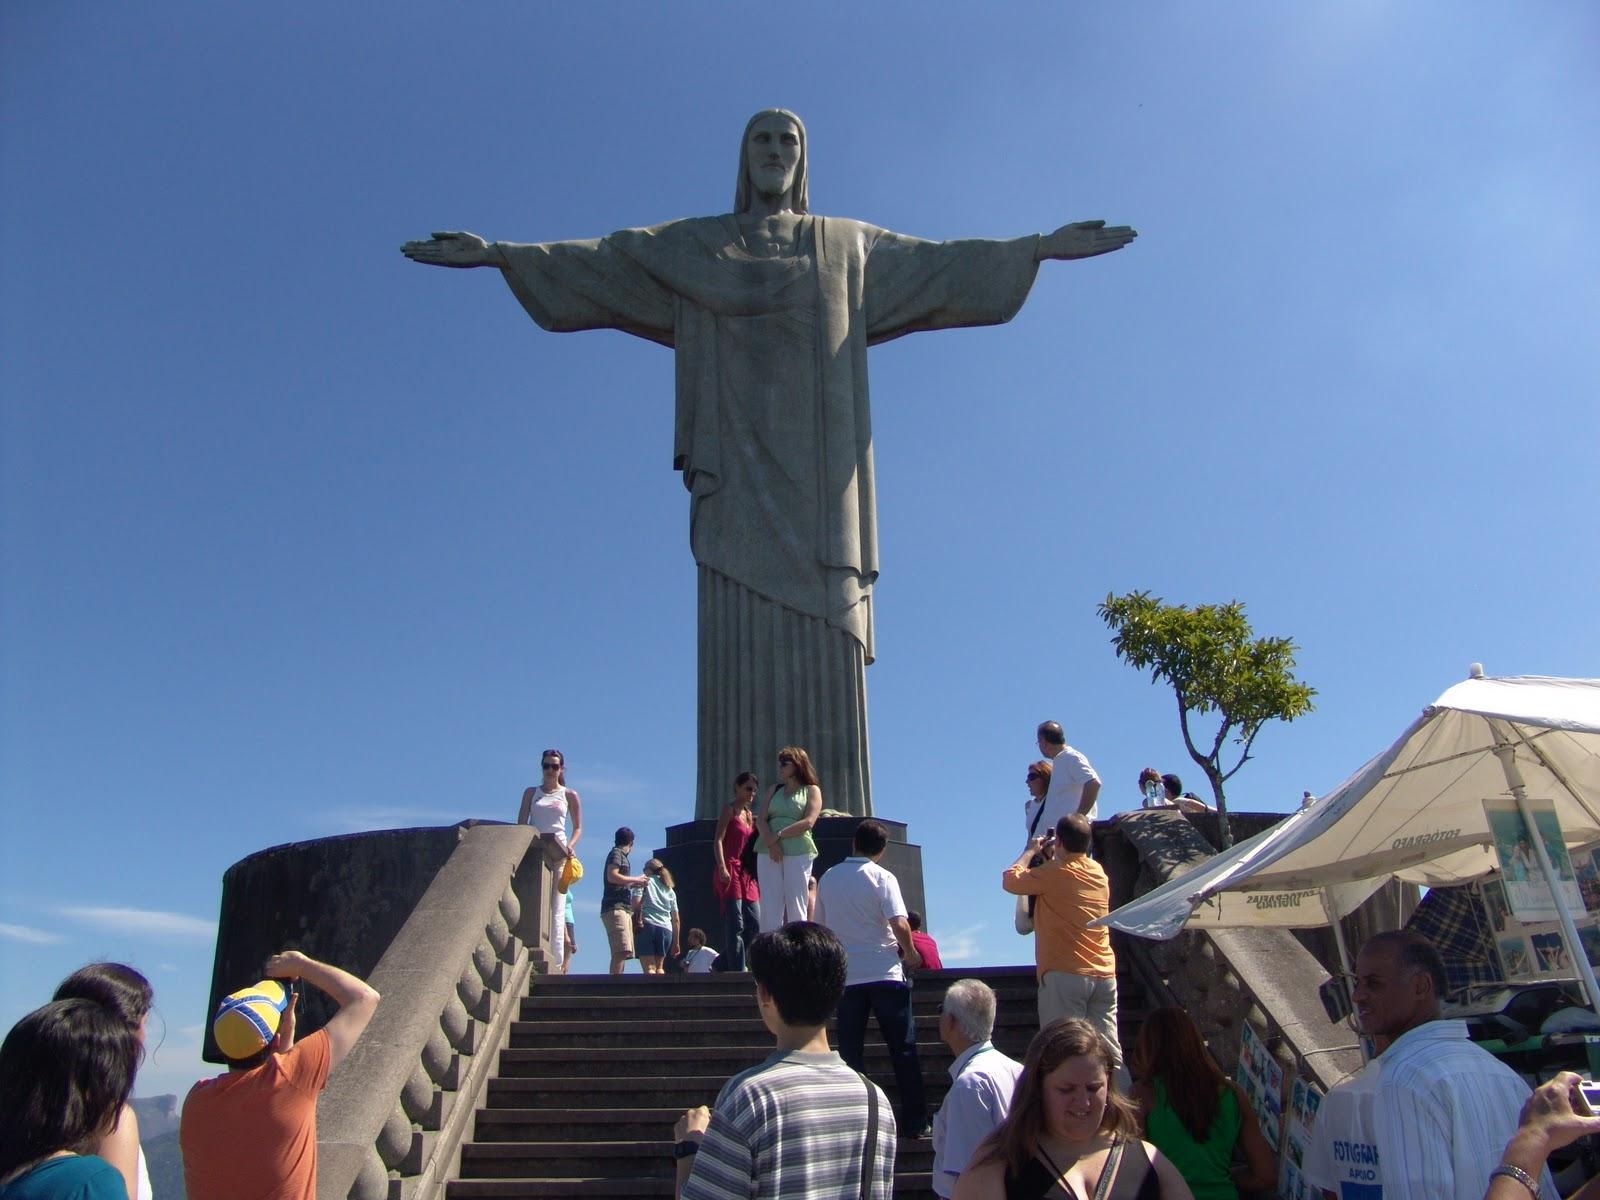 christians in brazil